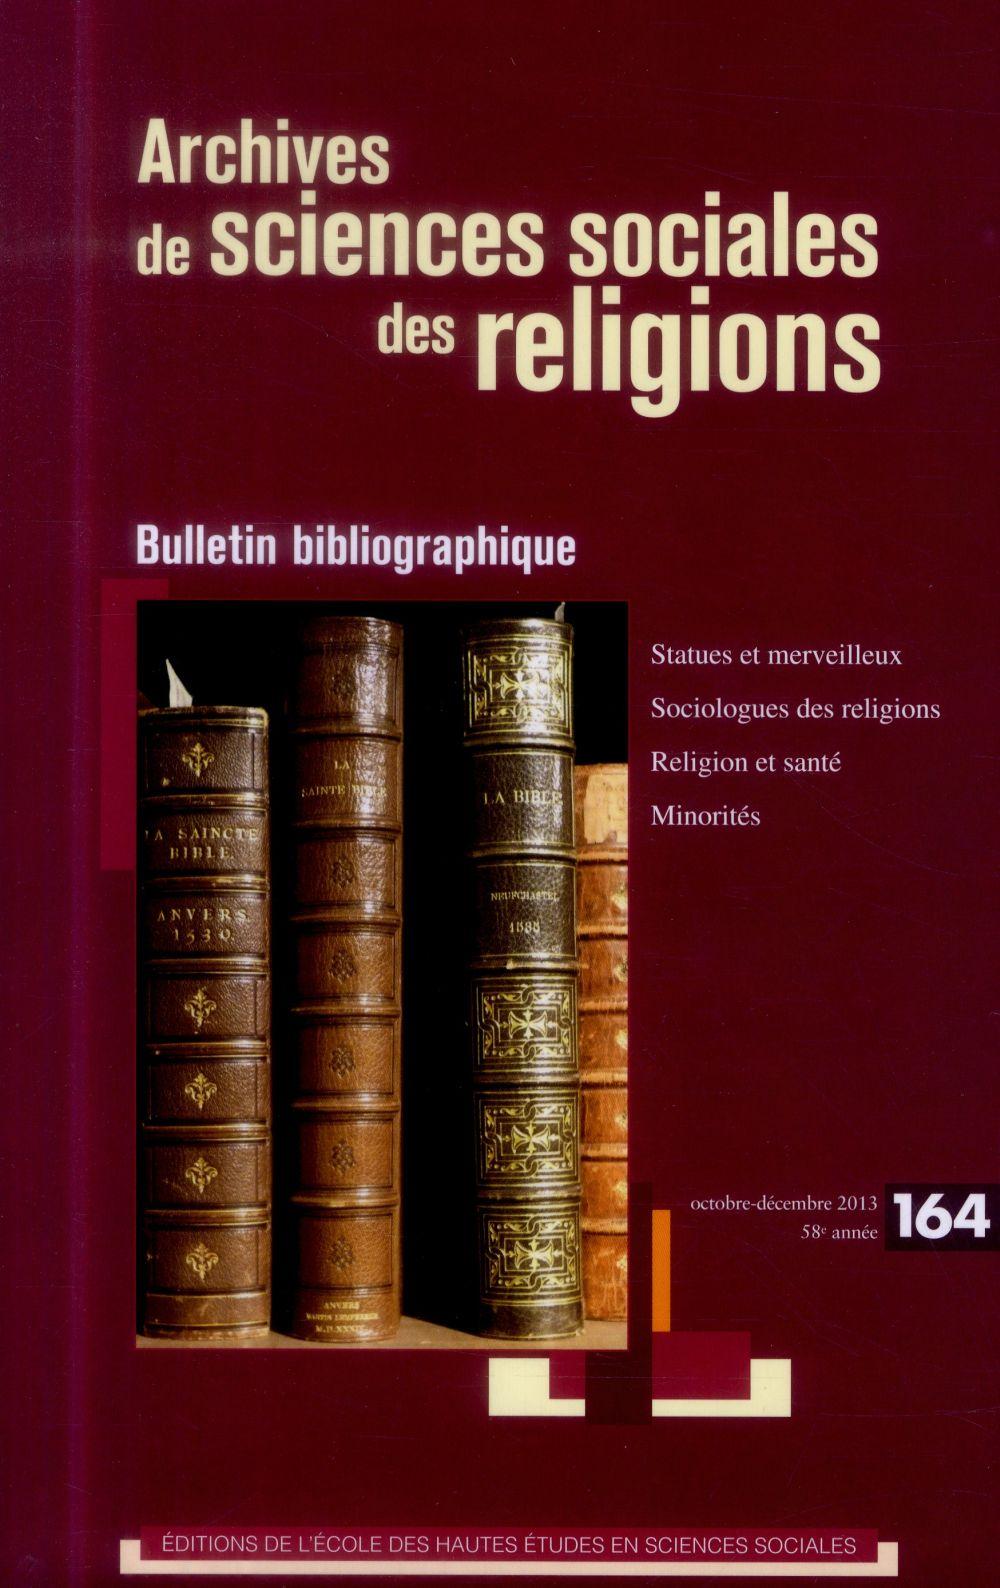 ARCHIVES DE SCIENES SOCIALES DES RELIGIONS 164